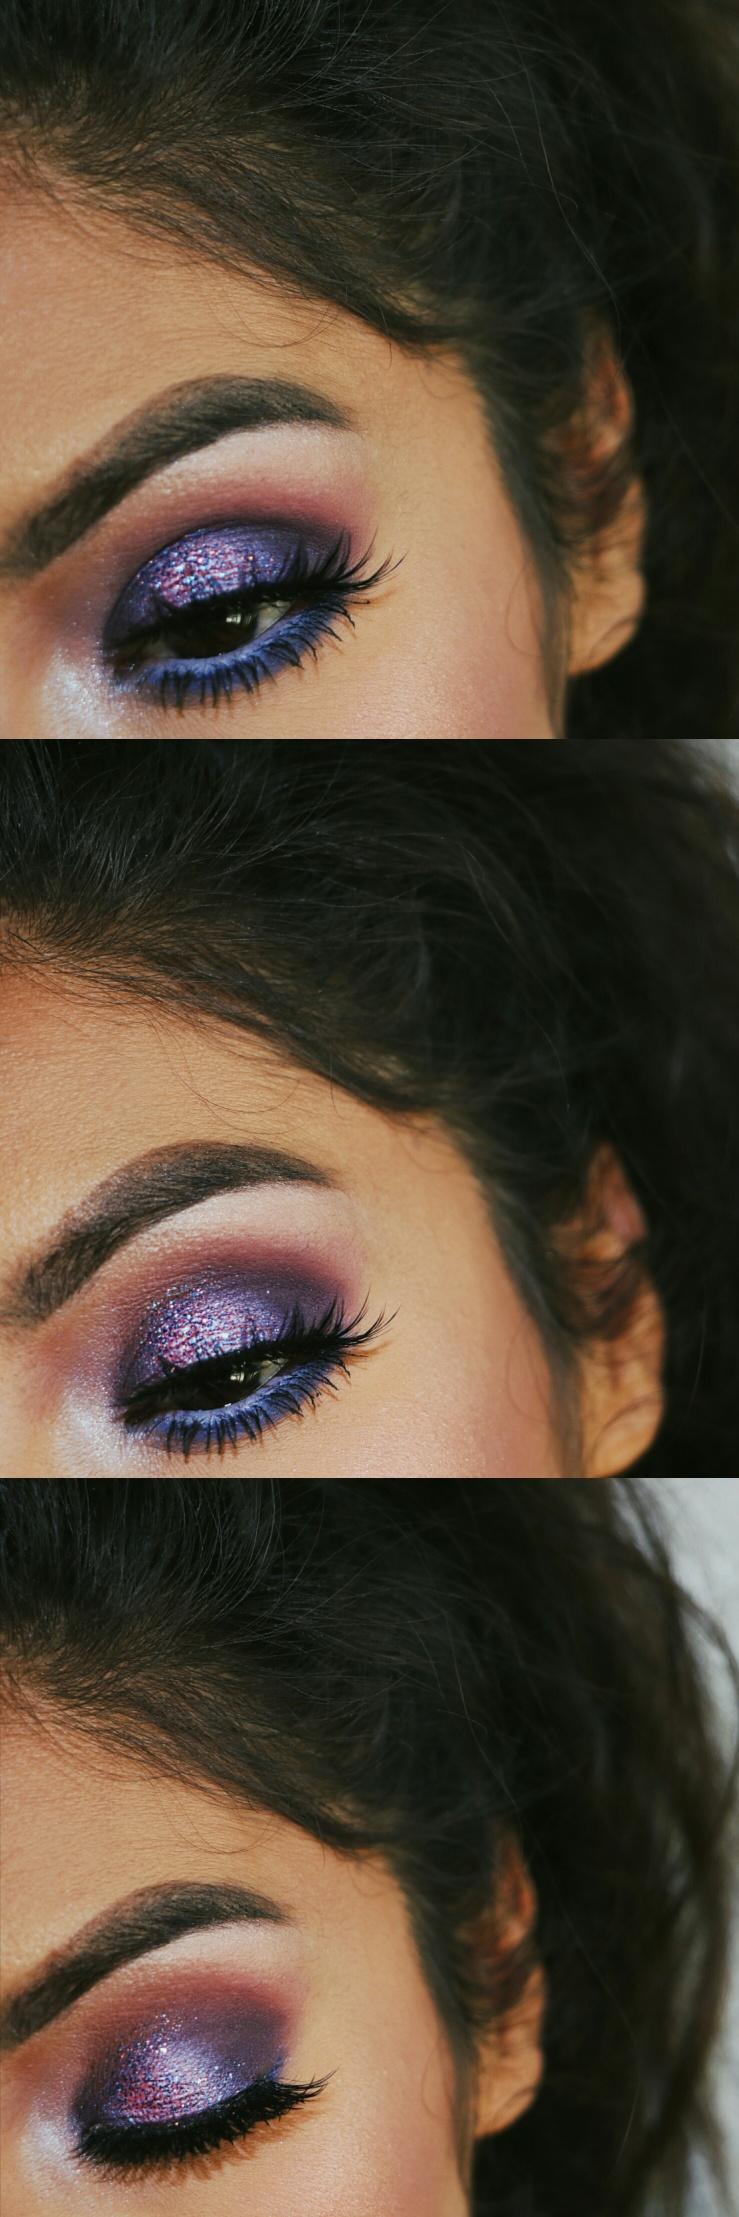 MOTD Makeup Geek Cosmetics Sacramento MUA Sacramento Makeup Artist Glitter Injections Pink Makeup Nyx Total Control Drop Foundation NYC Cosmetics Koko Lashes Summer Makeup Catrice Cosmetics Meet Violeta ColourPop Brills